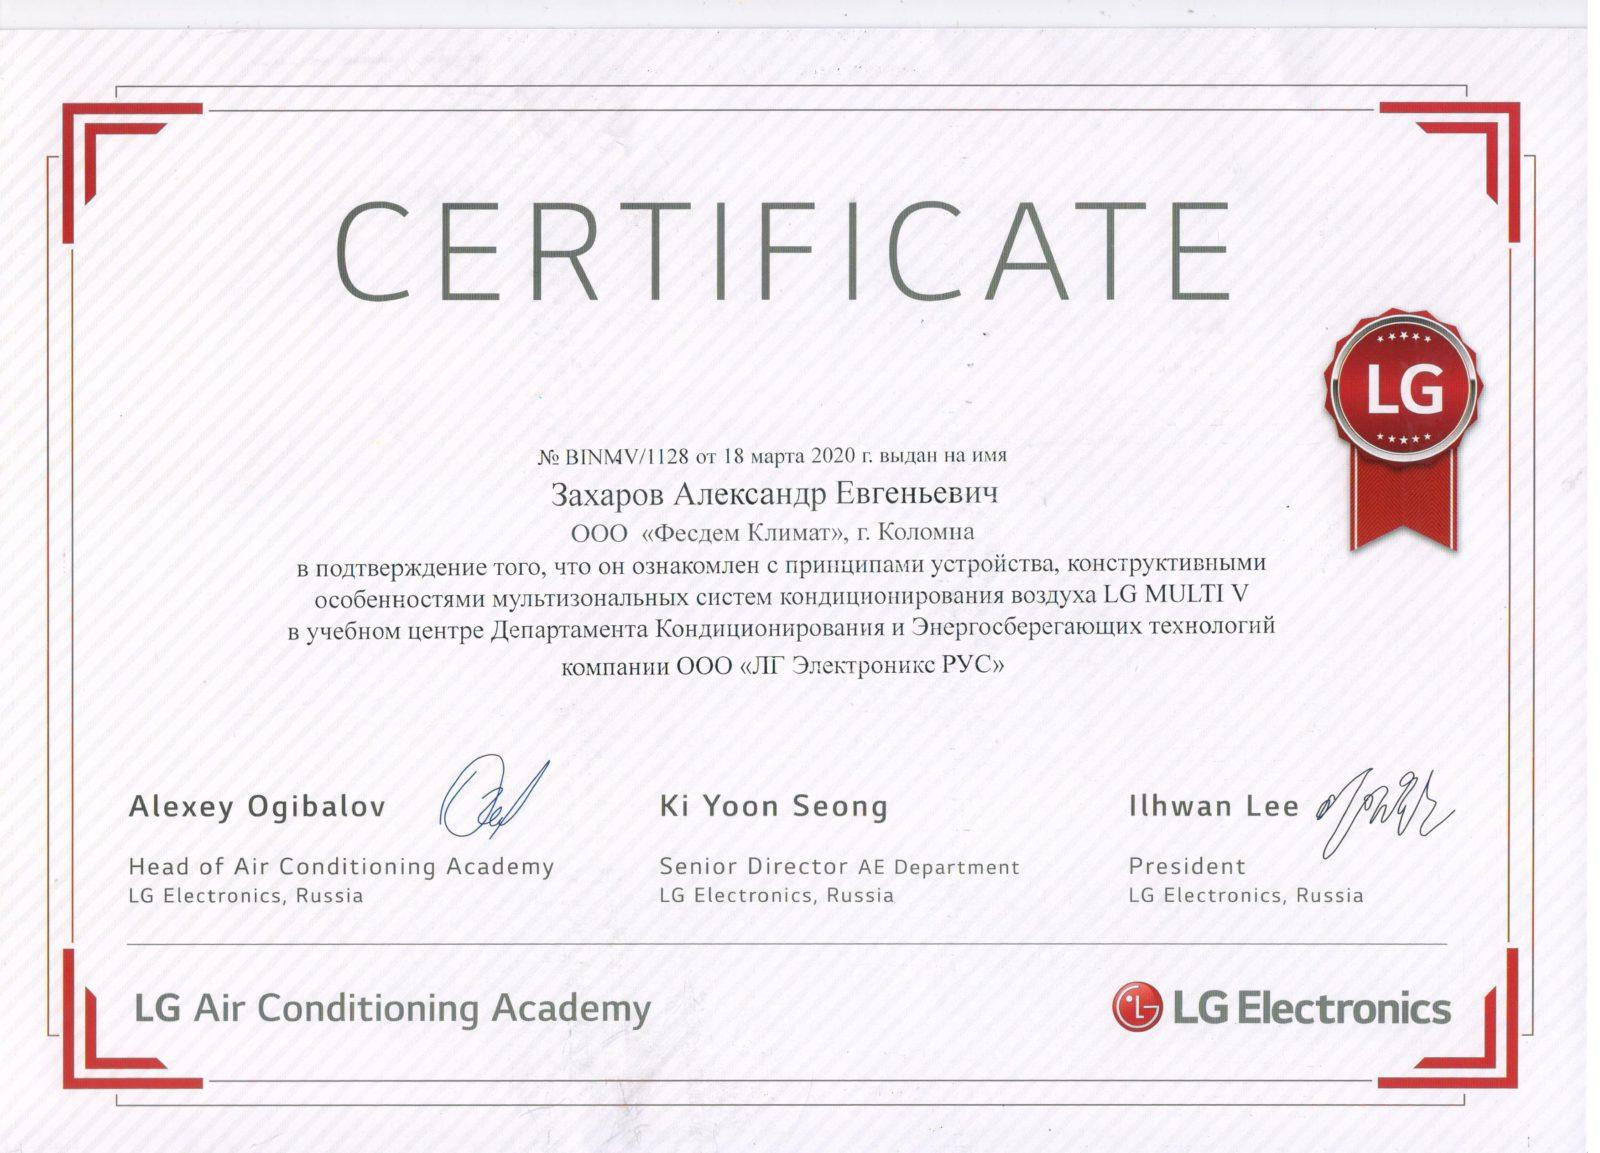 Сертификат по мультизональным системам Захаров А. Е.